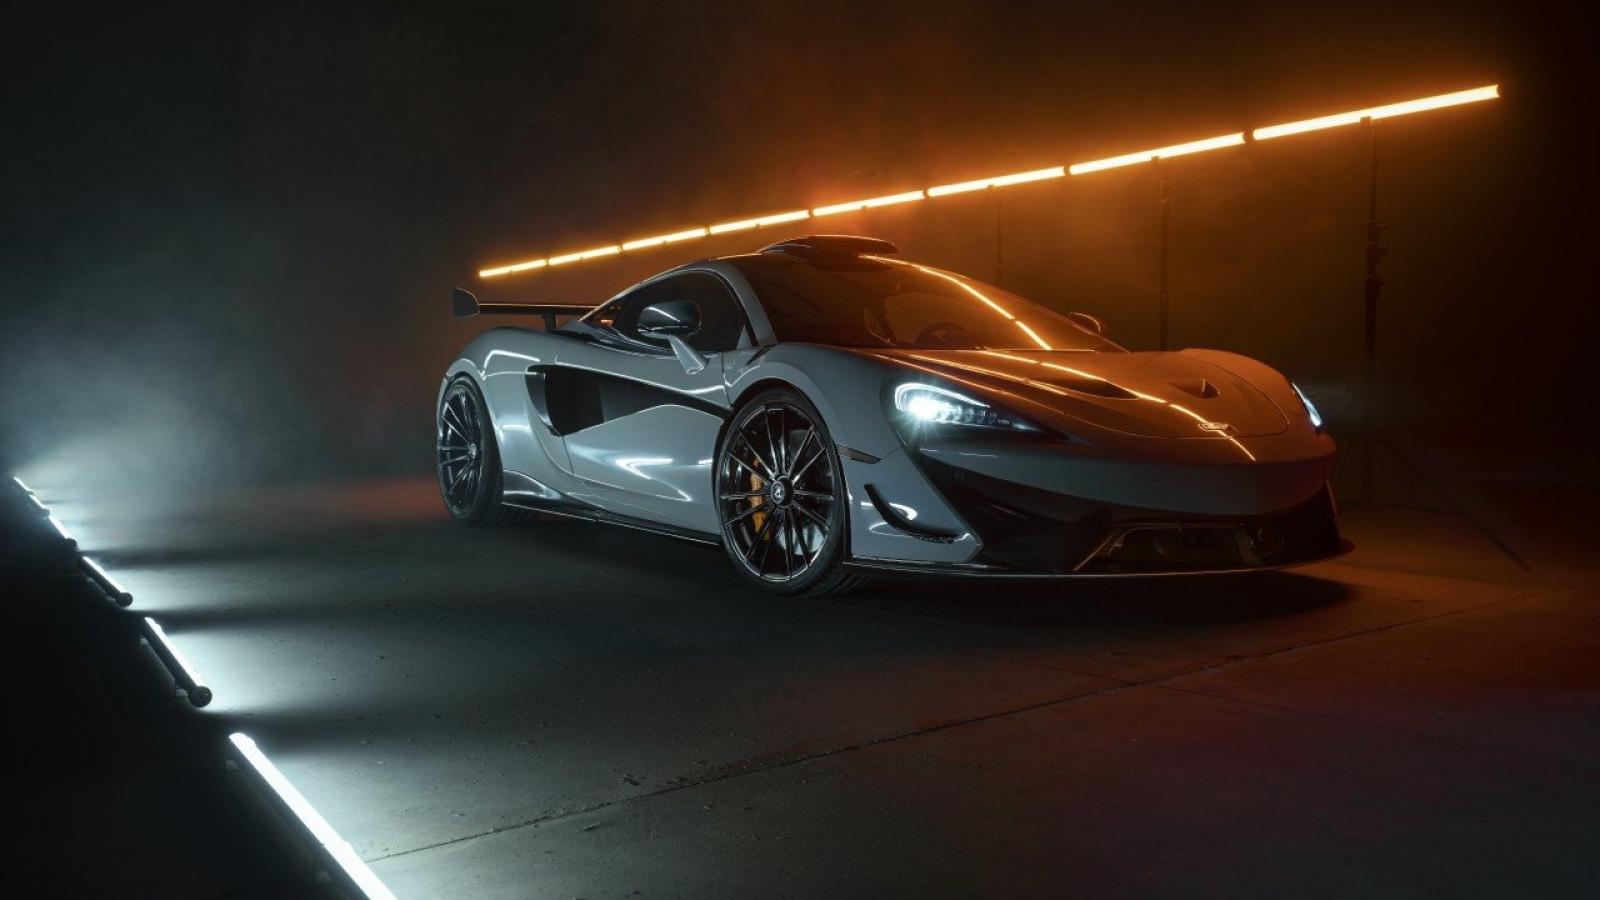 Novitec ra mắt gói nâng cấp dành cho siêu xe McLaren 620R